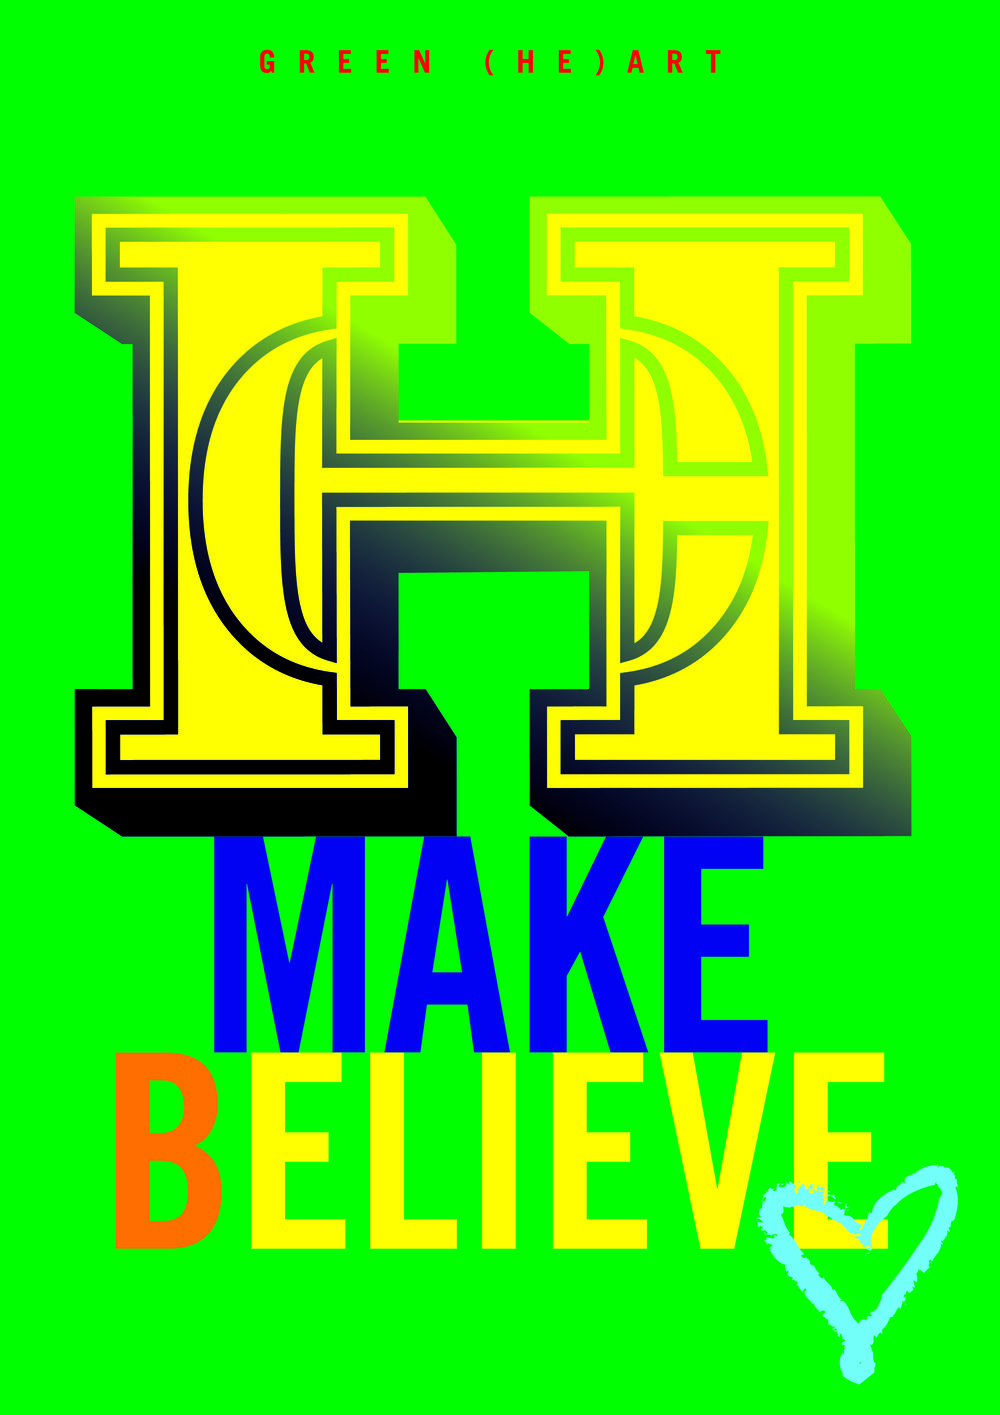 make.believe.jpg